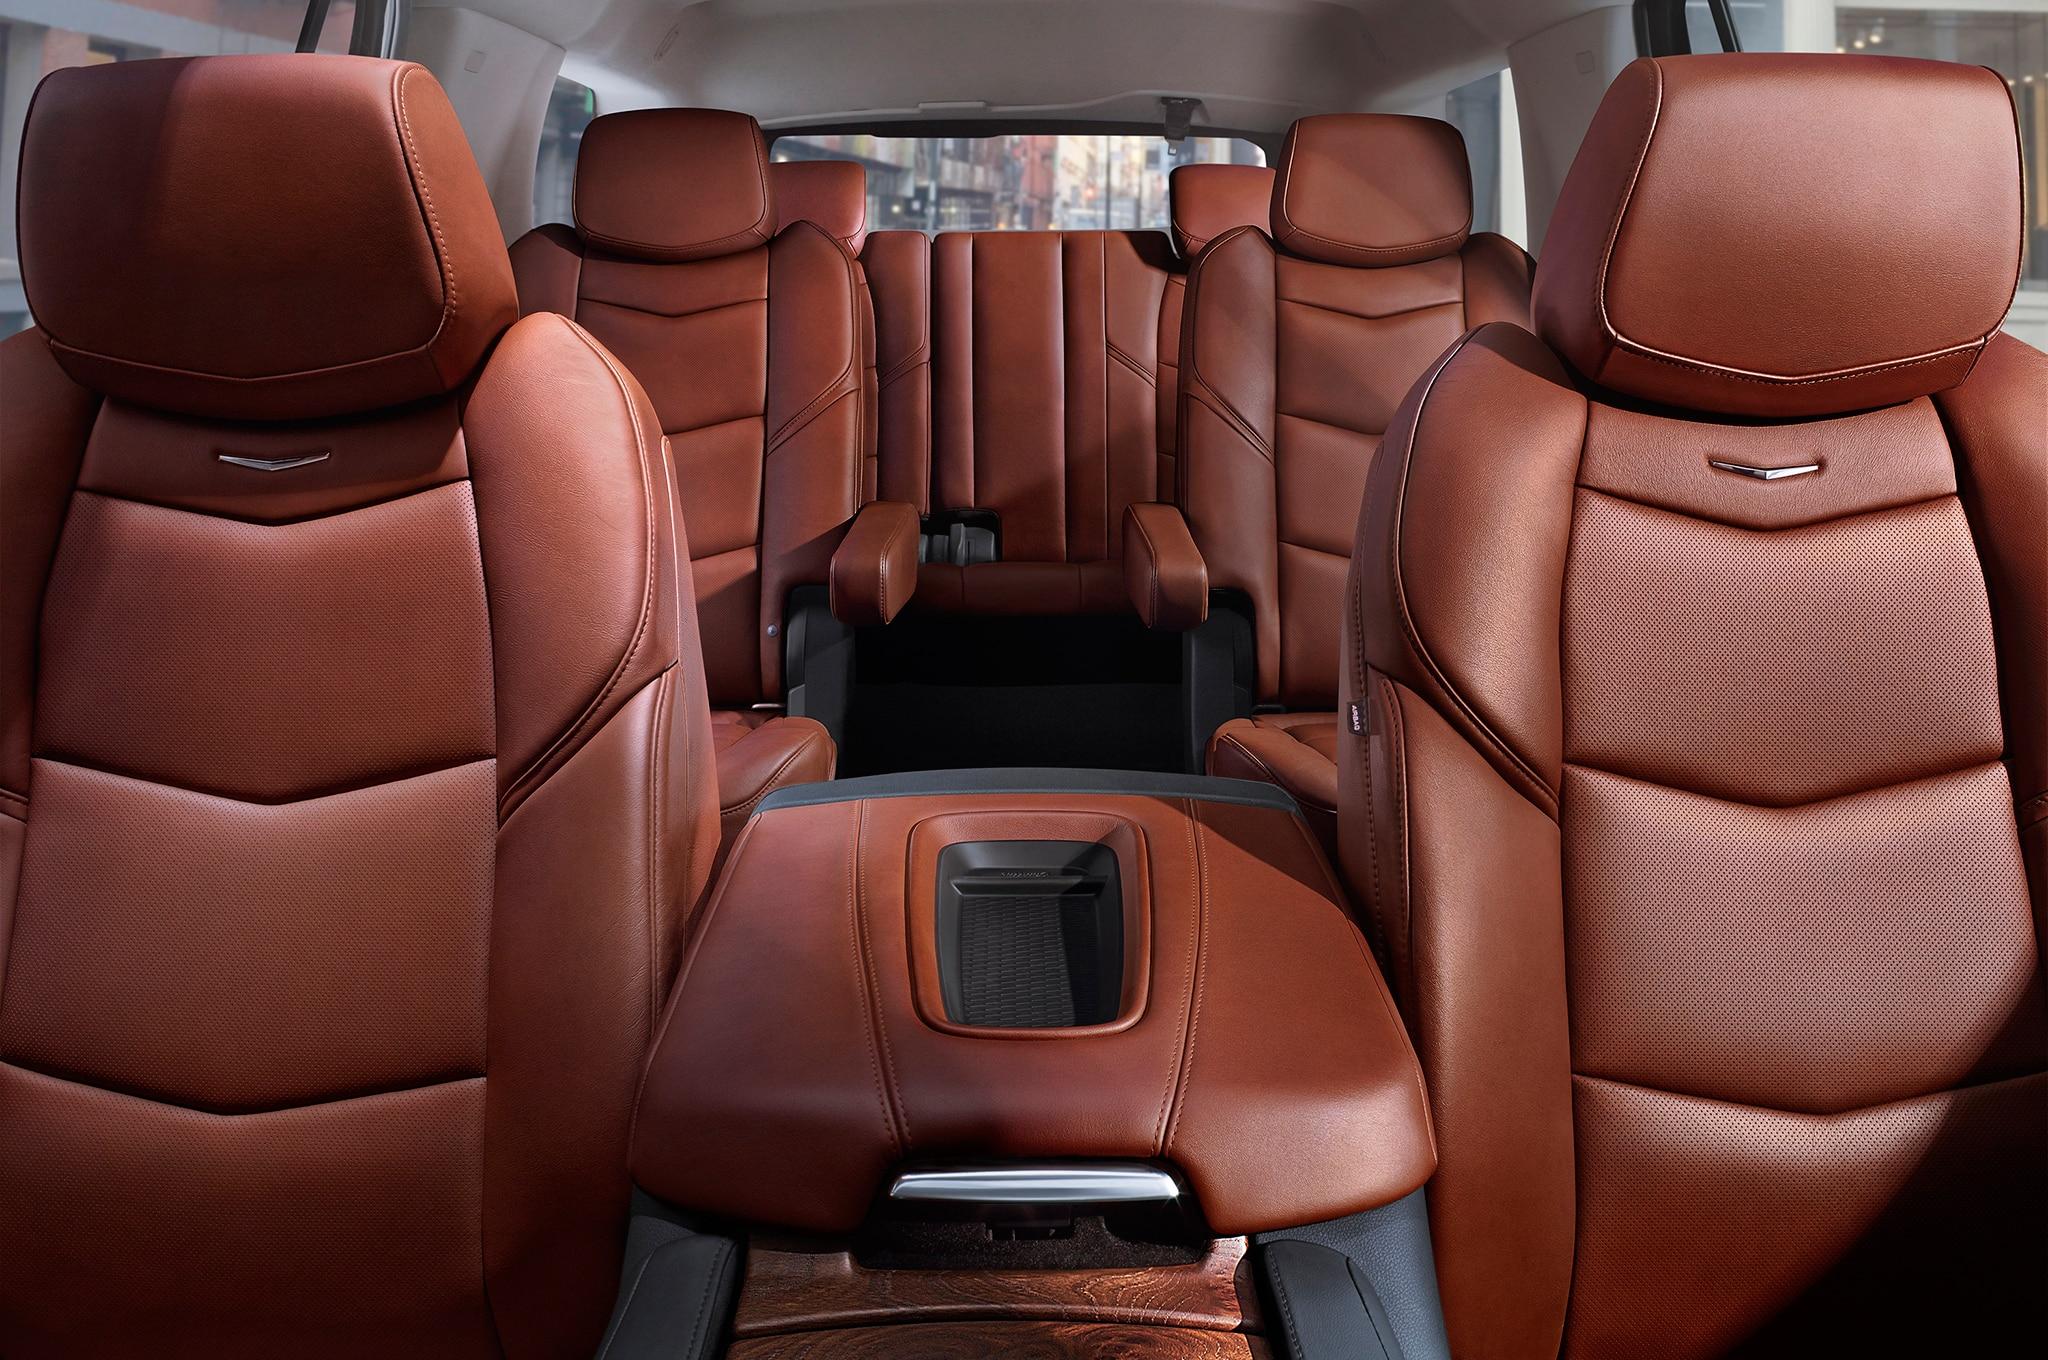 2016 Cadillac Escalade Interior >> GM Offers $5,000 Escalade Discount as New Navigator Rolls Out | Automobile Magazine